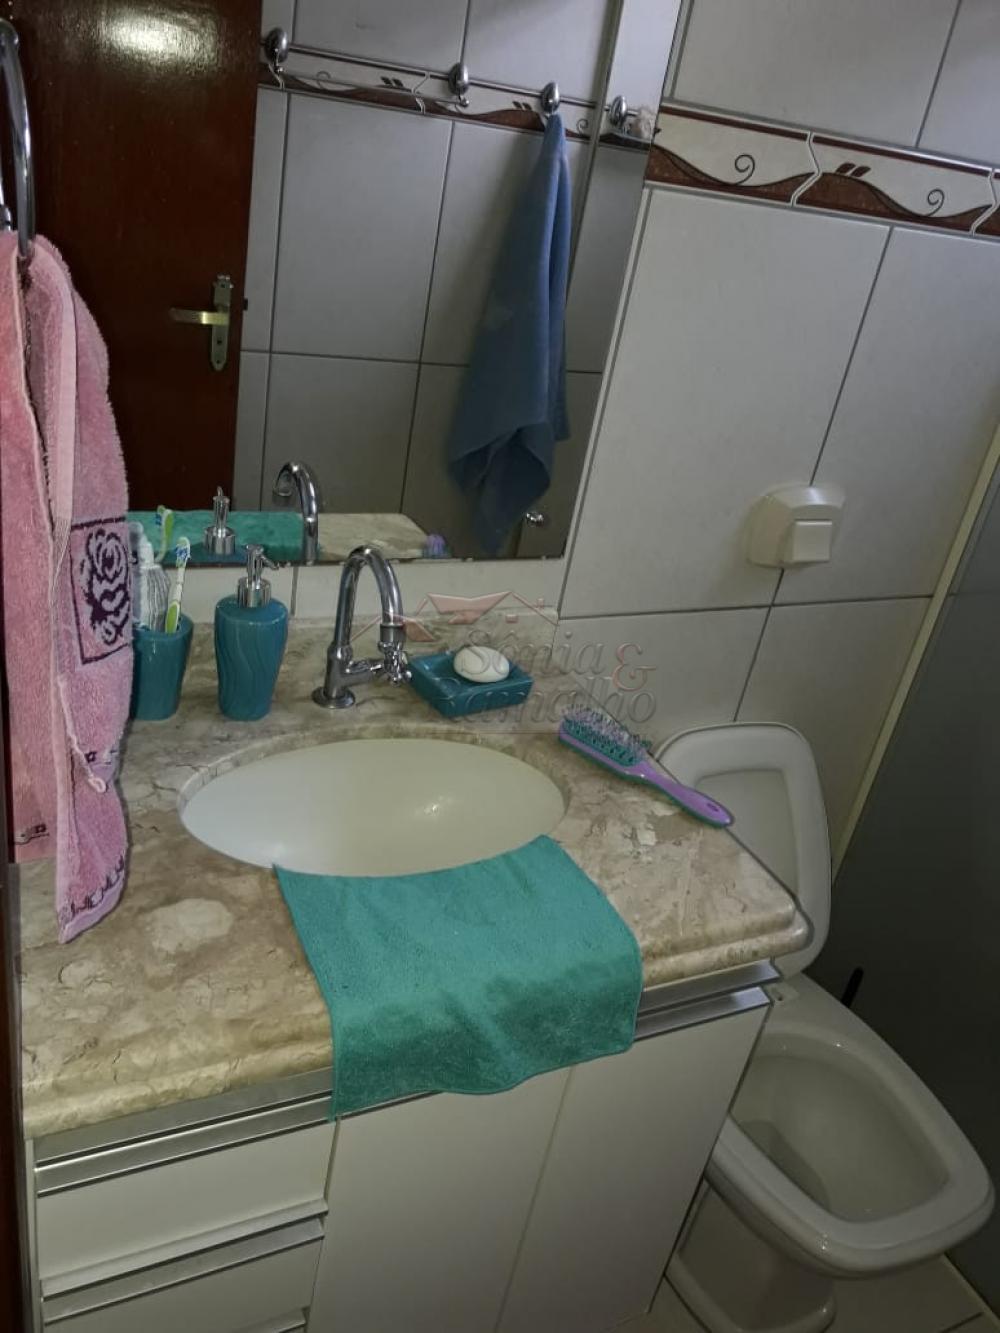 Comprar Casas / Padrão em Ribeirão Preto apenas R$ 190.000,00 - Foto 7